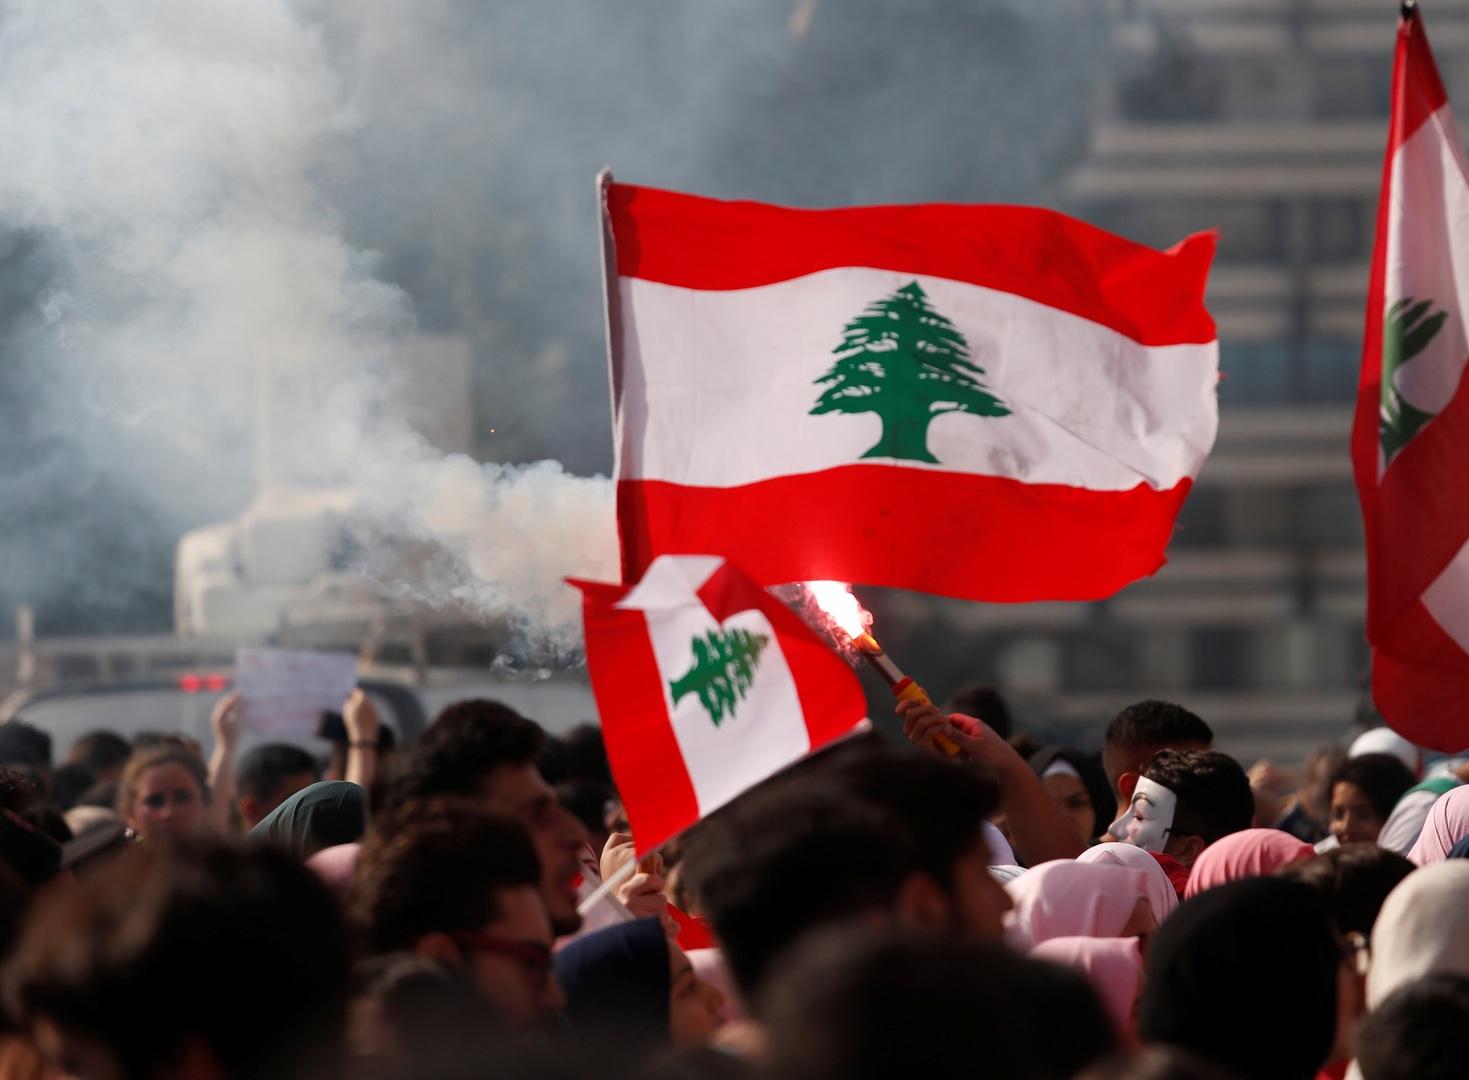 البنك الدولي مستعد لدعم لبنان لكن بشرط